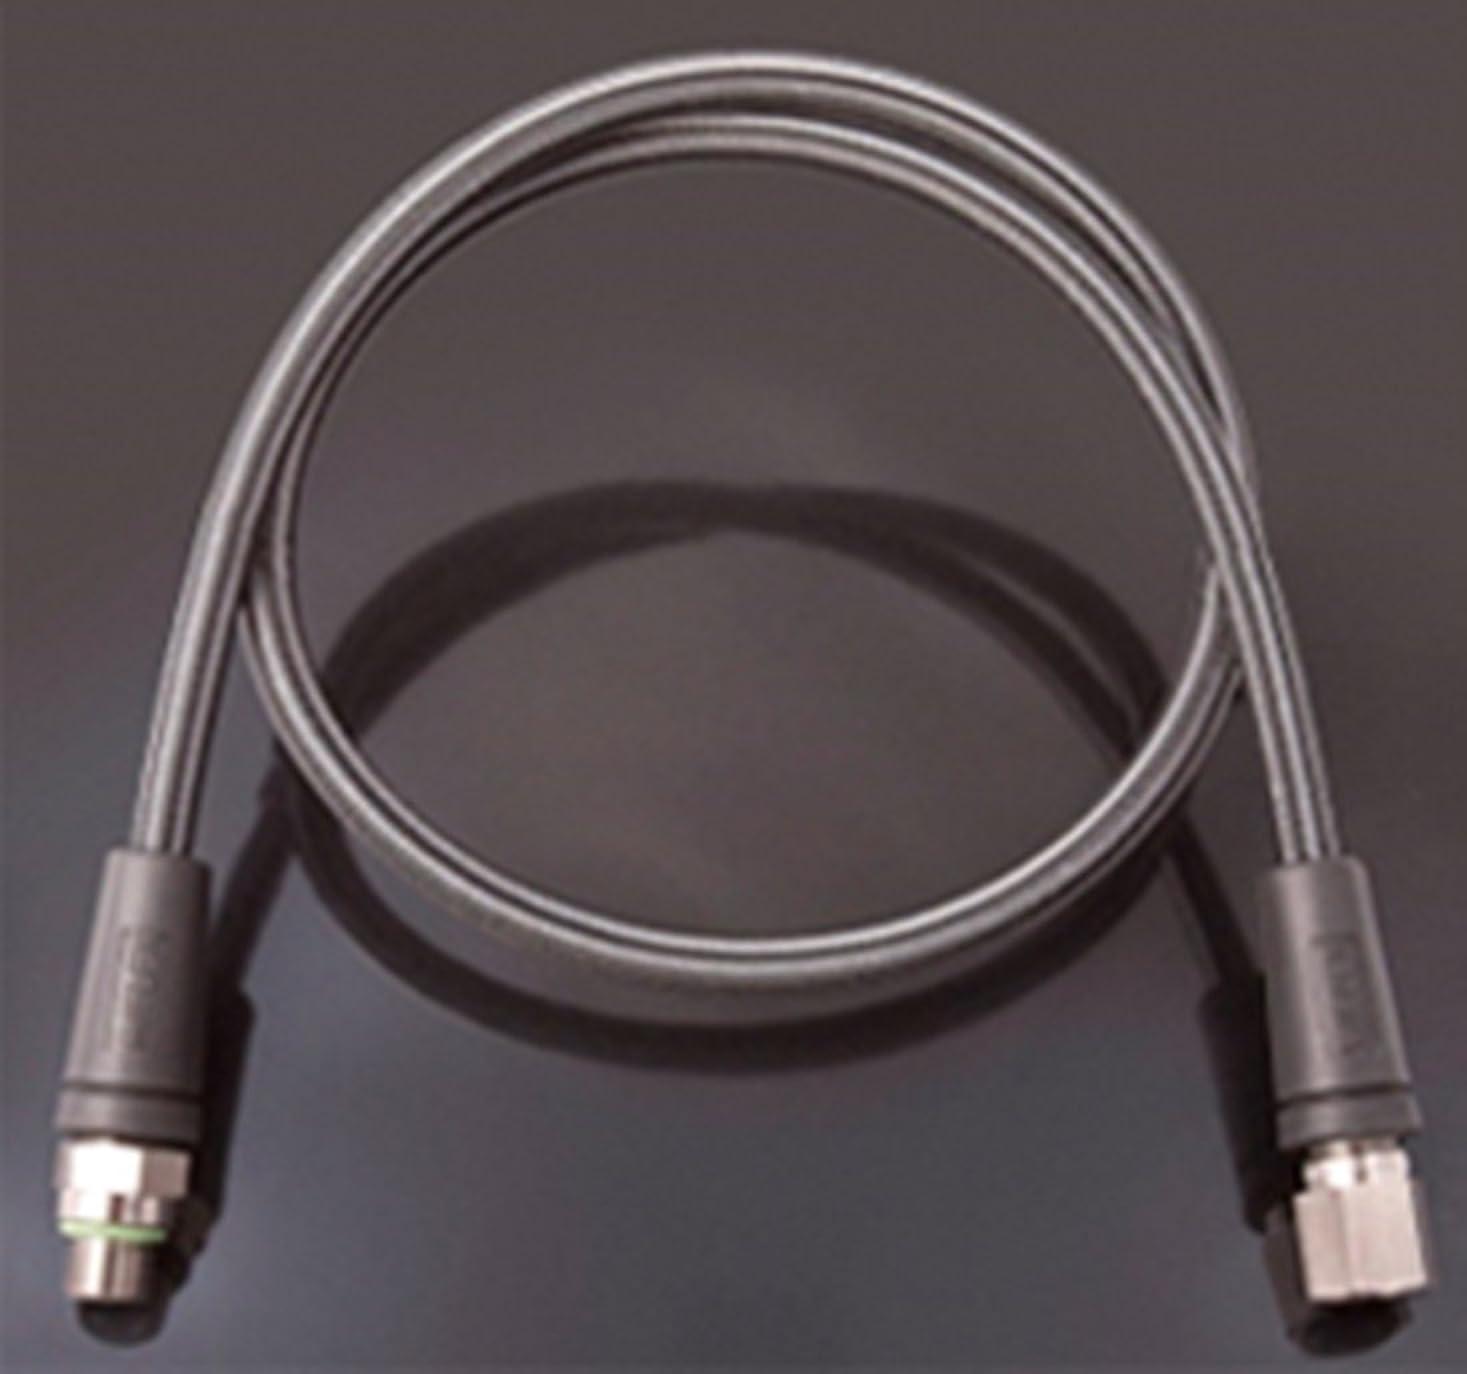 無許可使い込むバケットマイフレックス(Miflex) カーボンHD高圧ホース83cm